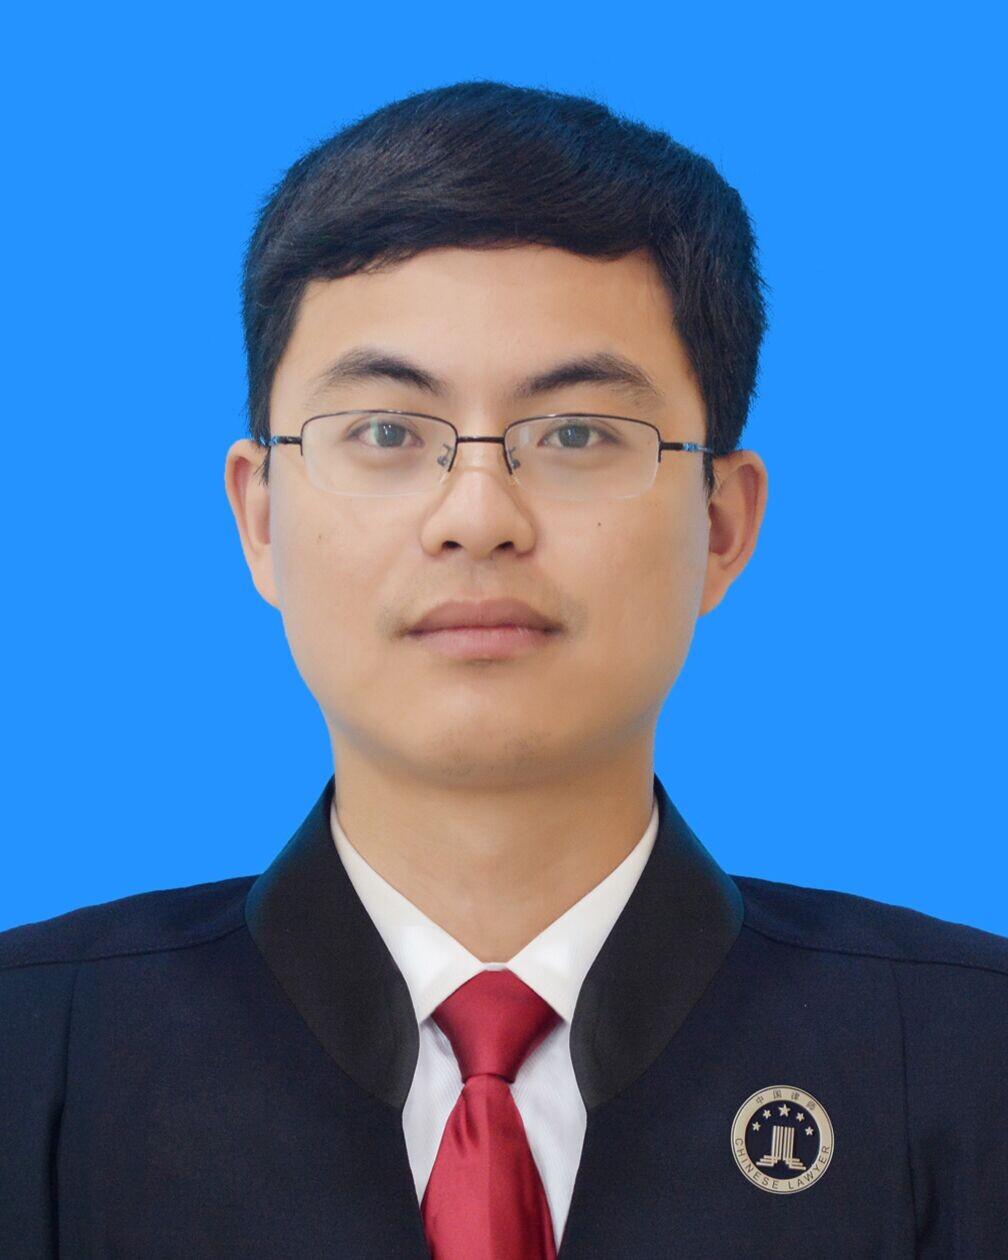 傅东海_律师照片